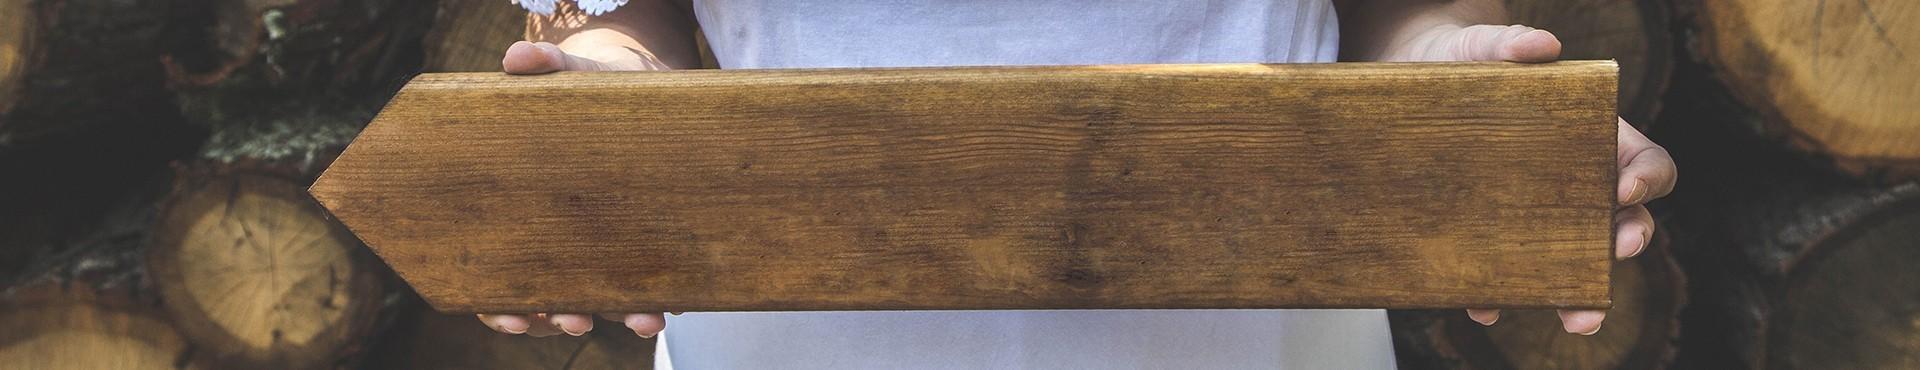 Drewniane dekoracje na Dzień Babci i Dziadka